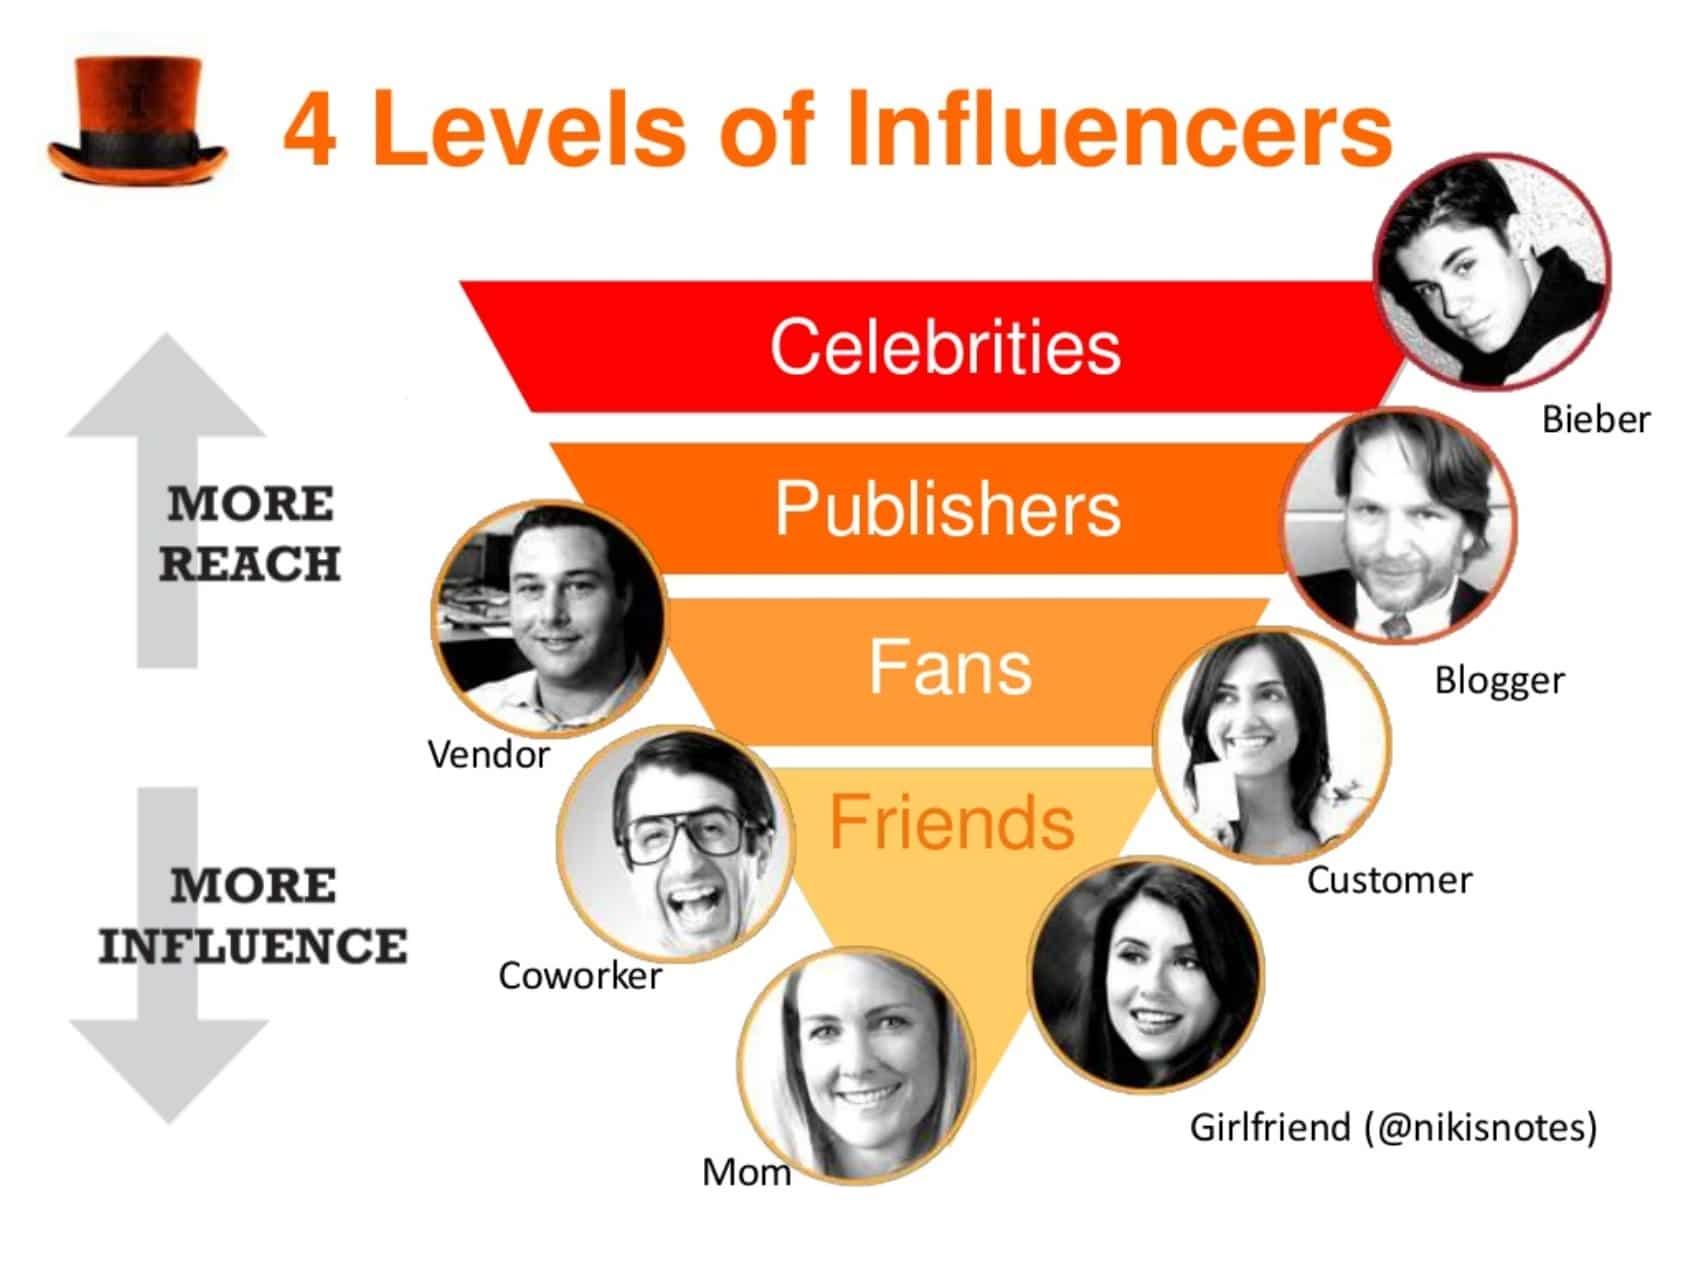 Comment rédiger un bon communiqué de presse et obtenir de la visibilité avec les influenceurs ? 72